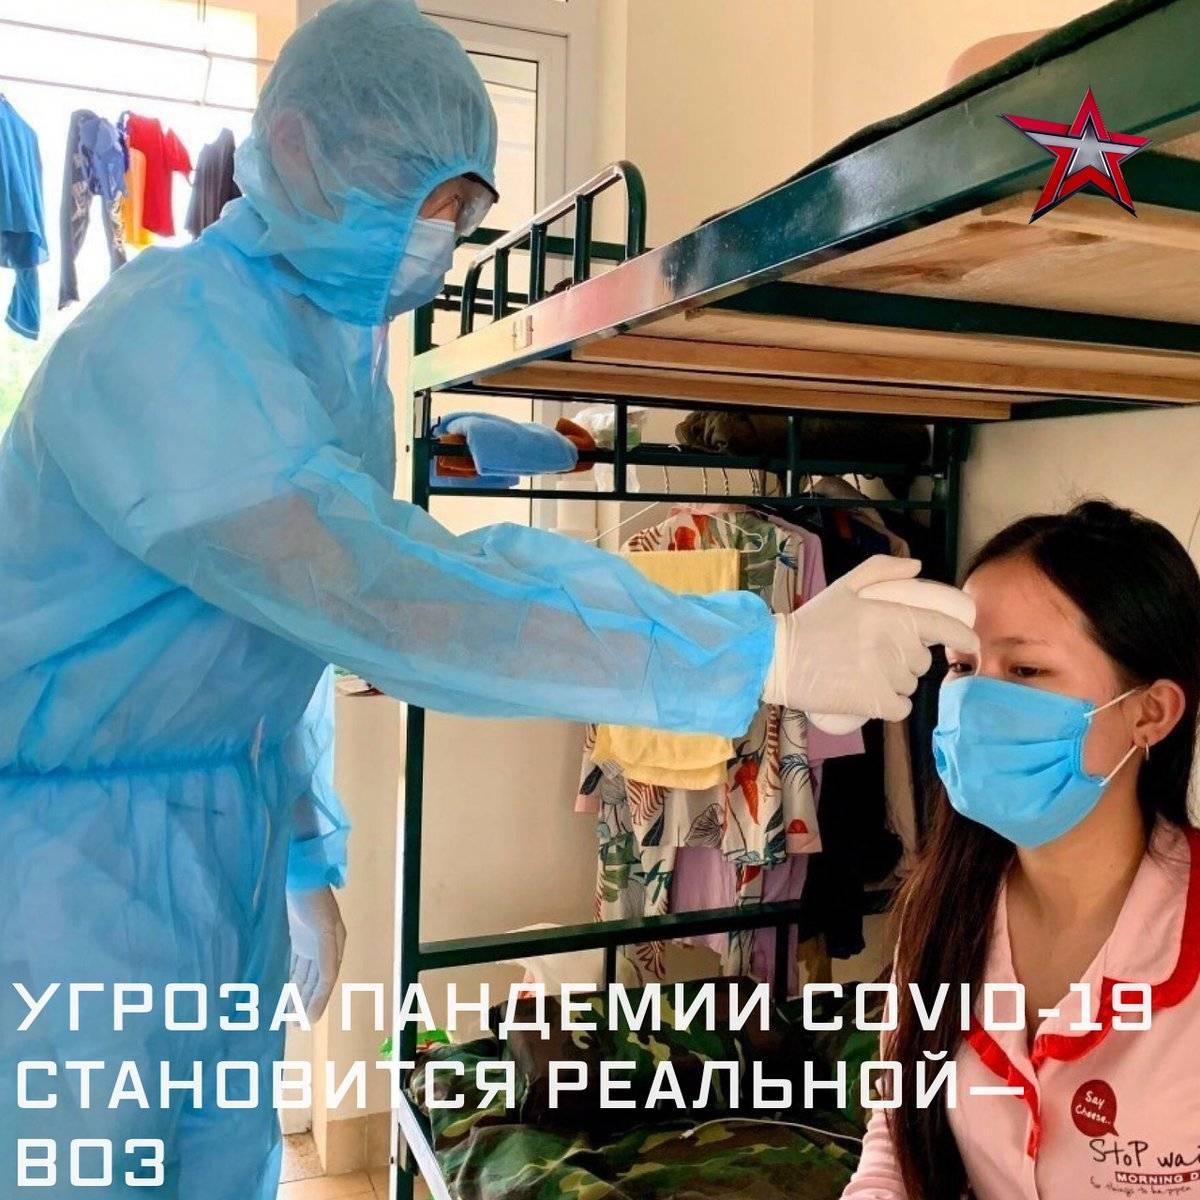 Справка об отсутствии коронавируса. где могут потребовать такой документ по закону и как ее получить